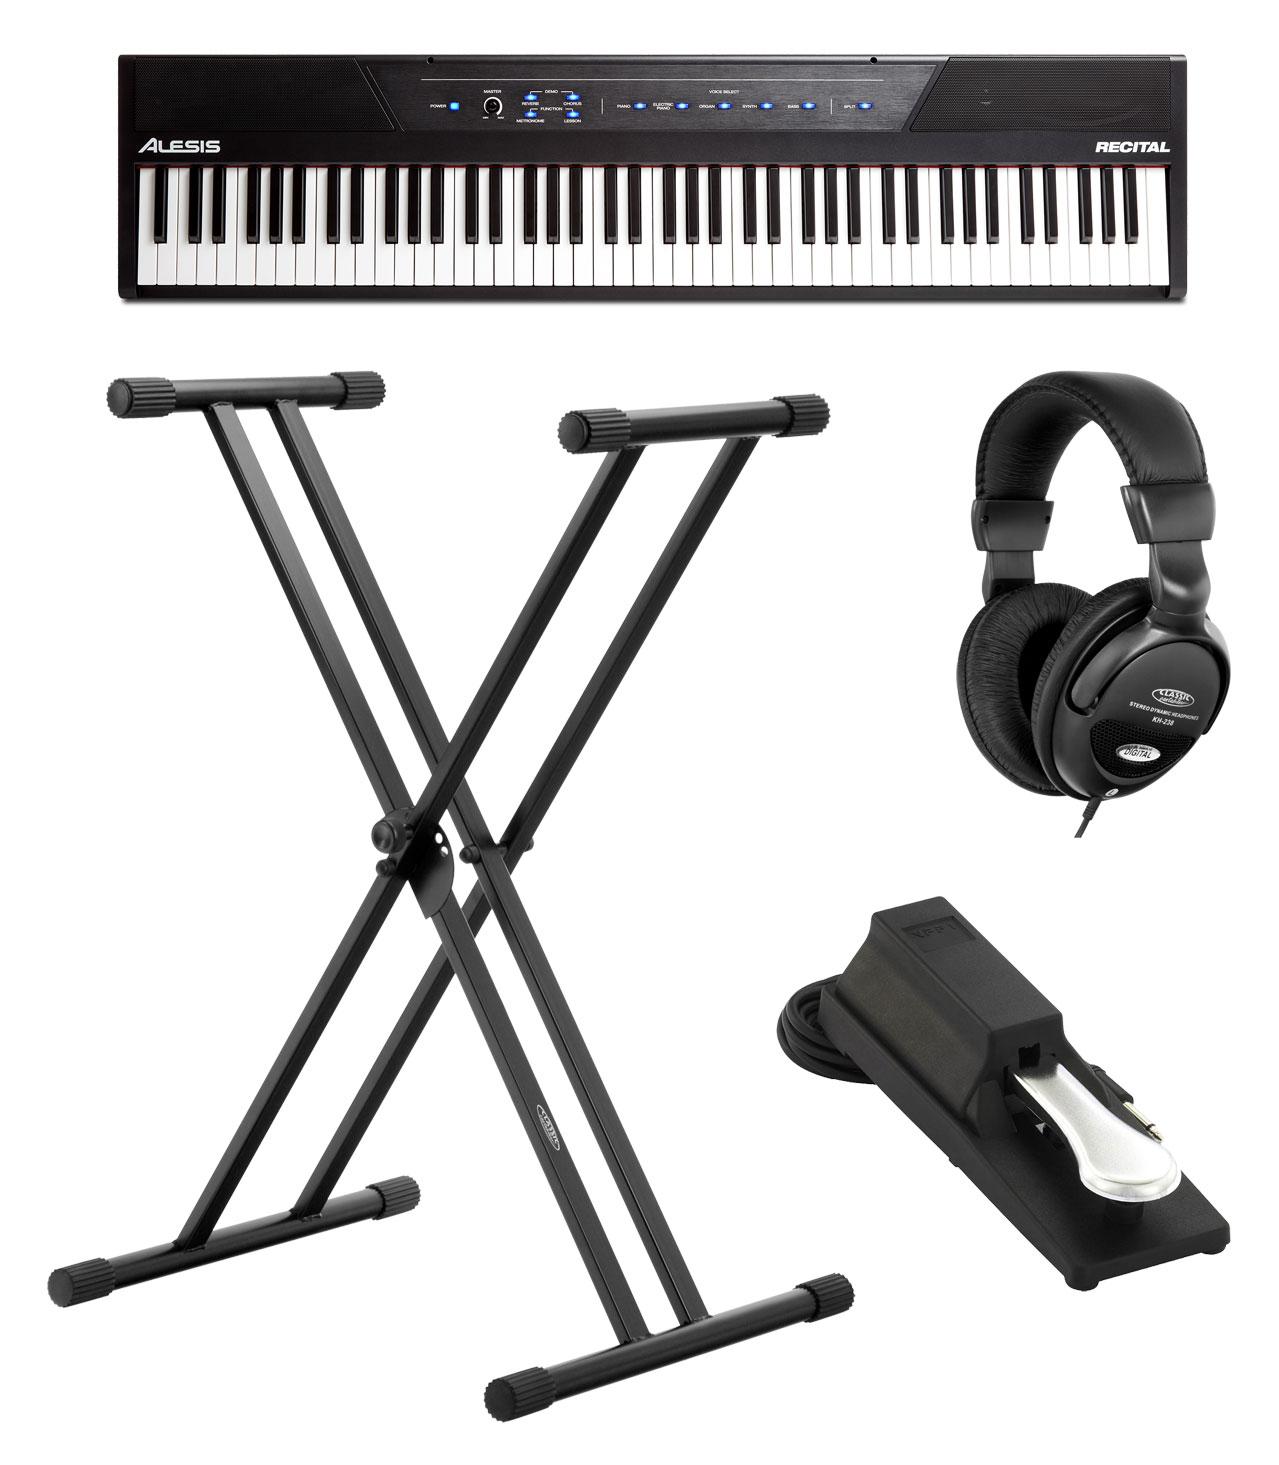 Fatar Sustain Fußpedal für E-Pianos und Keyboards mit schaltbarer Polarität Top